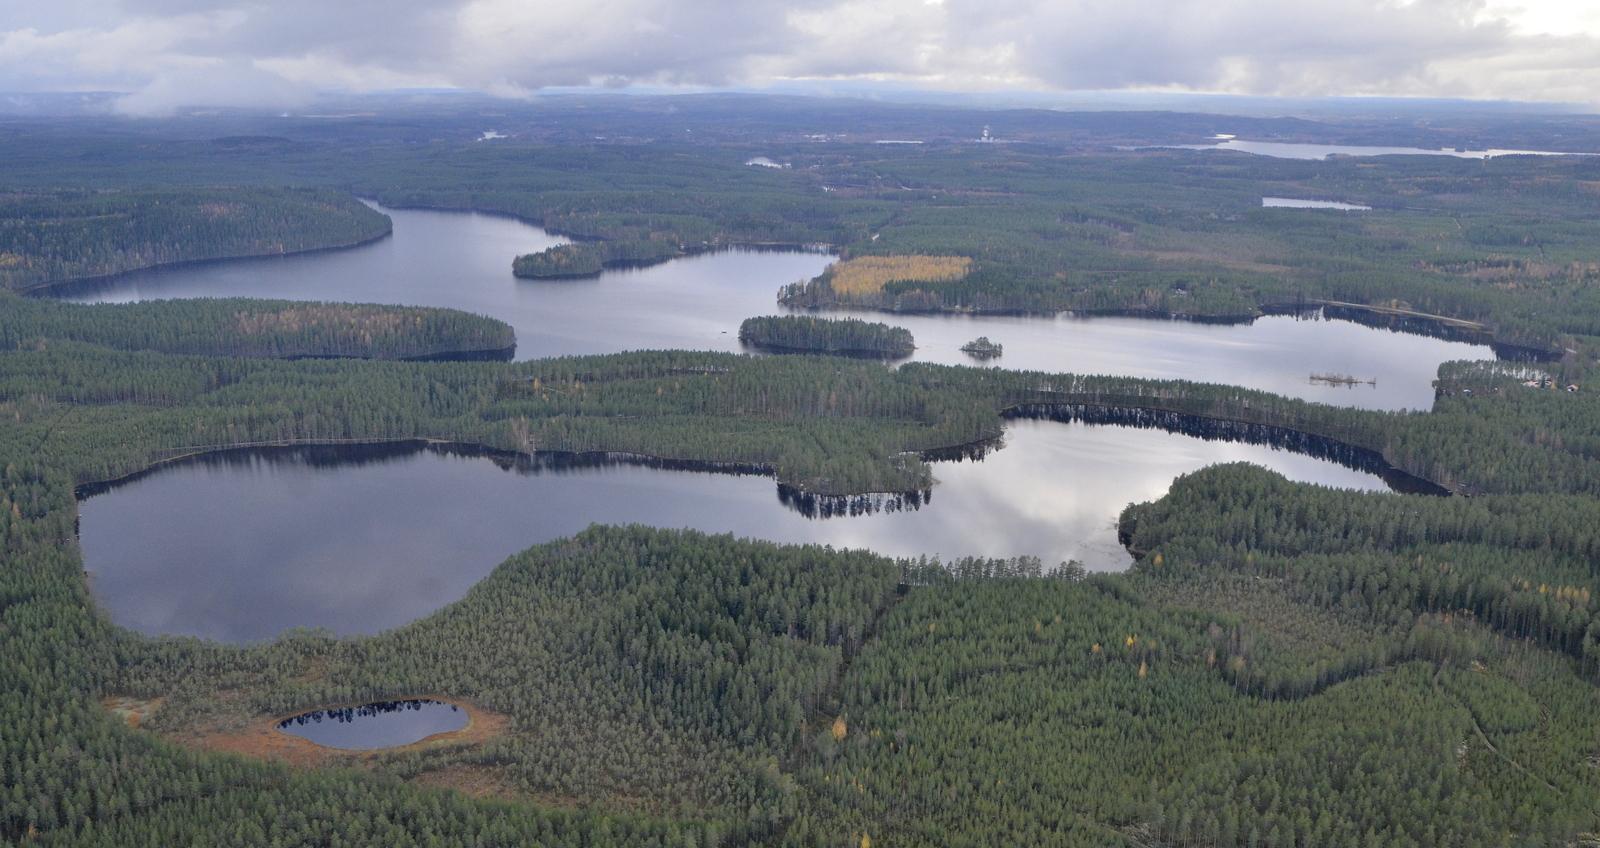 Lentosuunnassa oikealle jää Iso- ja Pieni-Jurvojärvi. Suolahti taustalla.